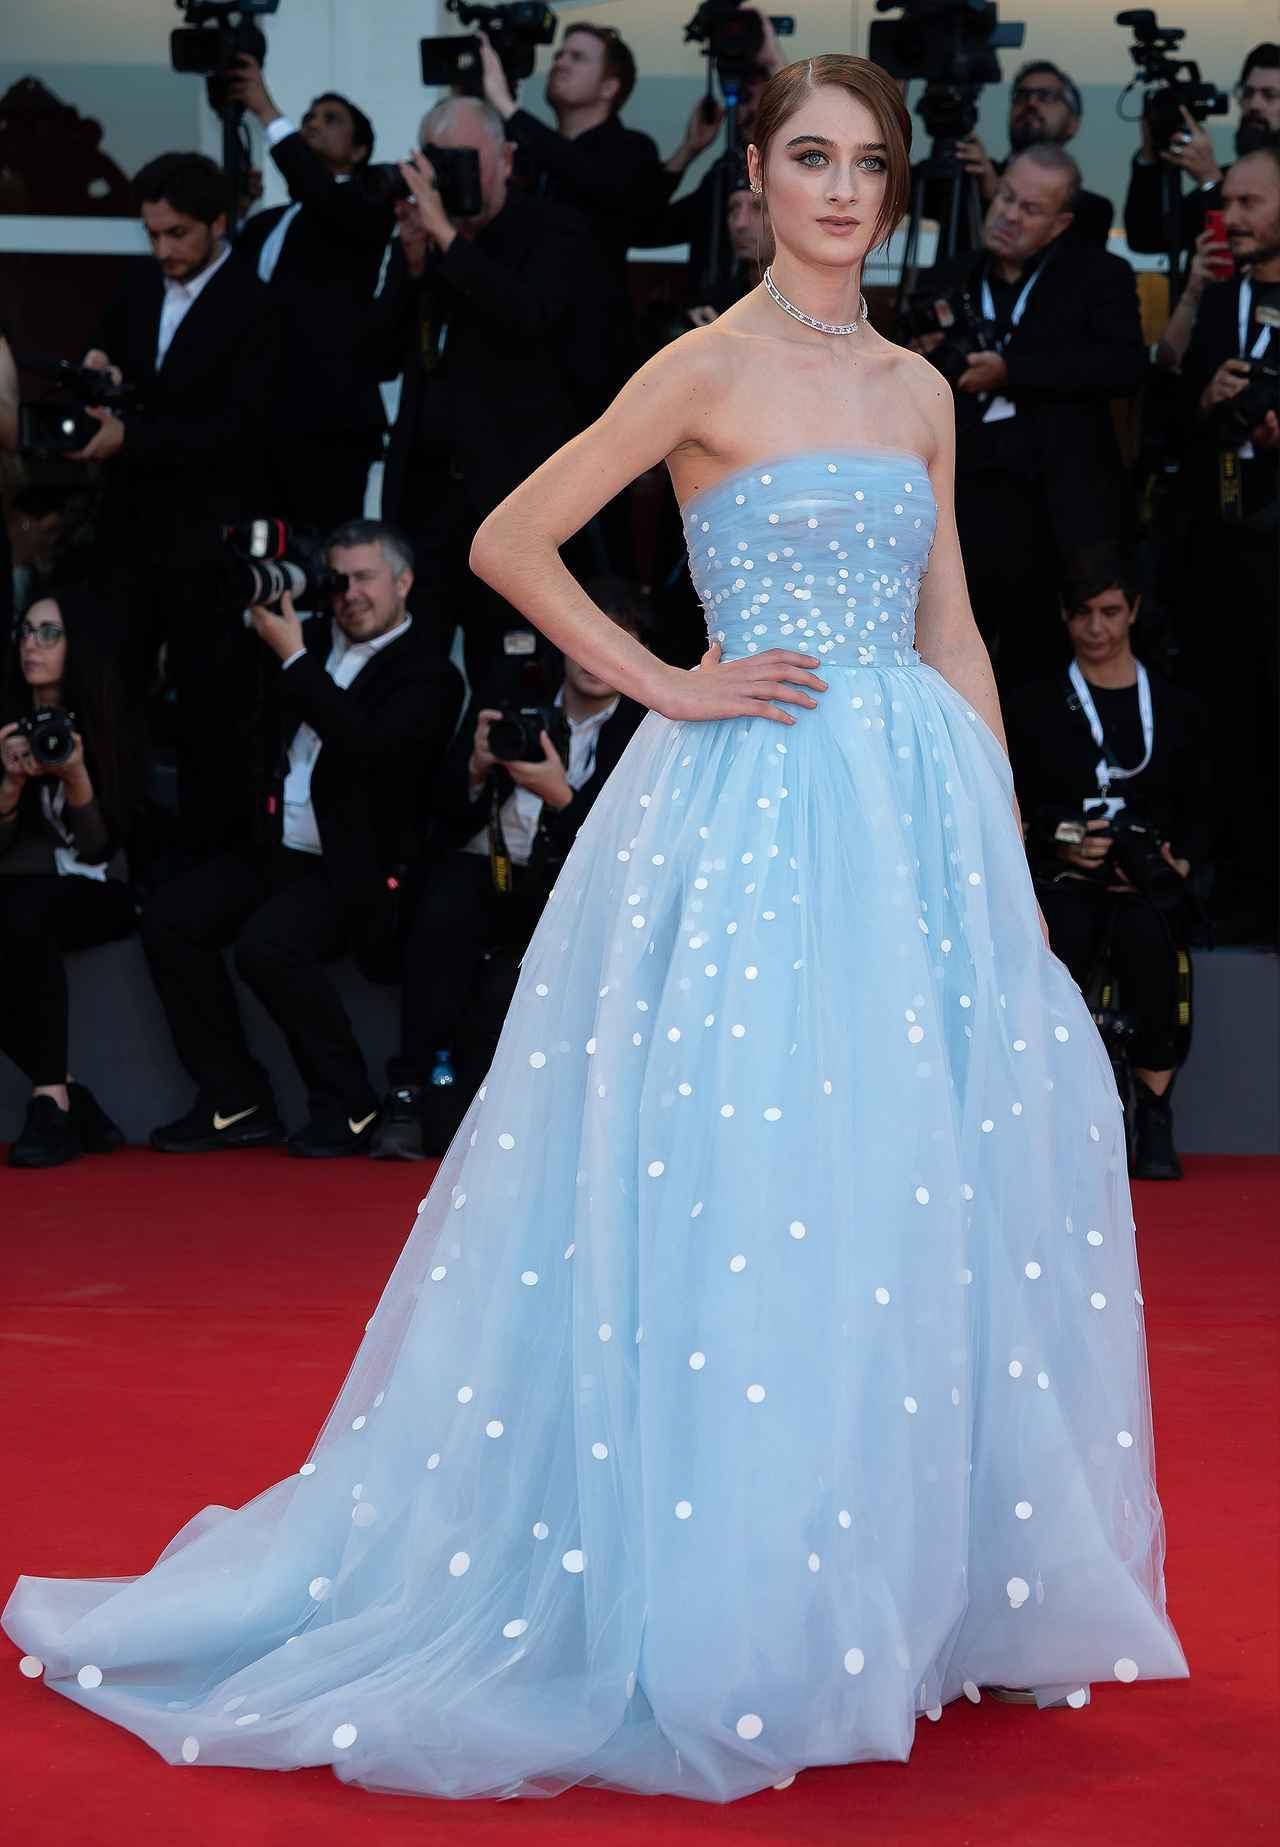 画像: オスカー・デ・ラ・レンタ (Oscar de la Renta)の淡いブルーのベアトップドレスで若々しさを全面に活かしたドレスで視線を浴びたラフィー。